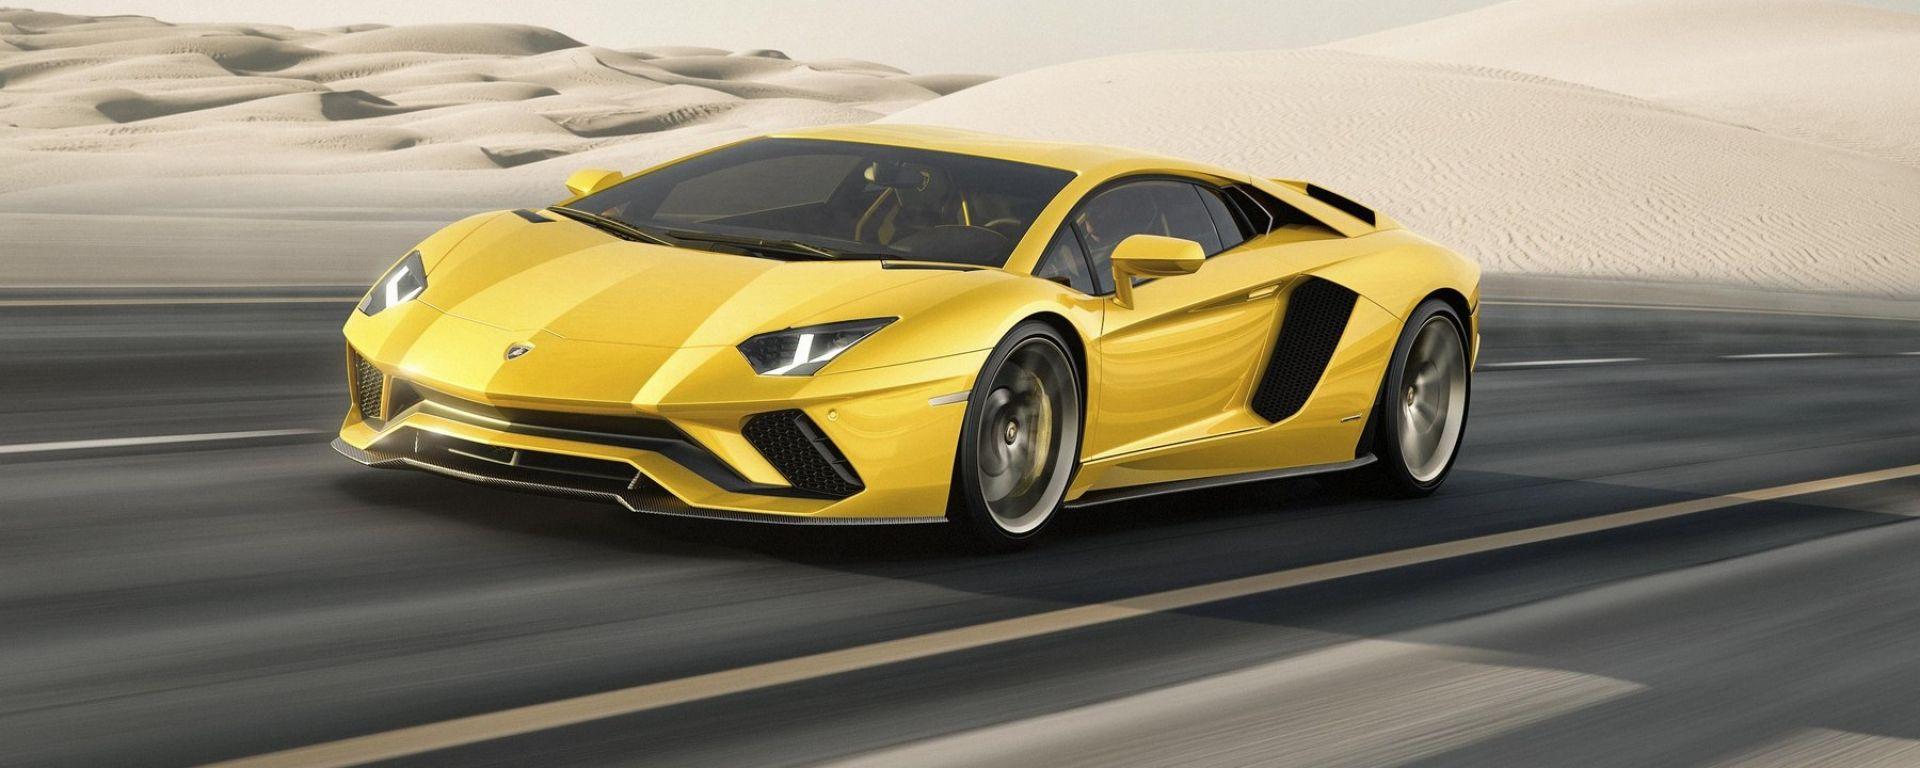 Non si farà una Lamborghini Aventador SV RWS